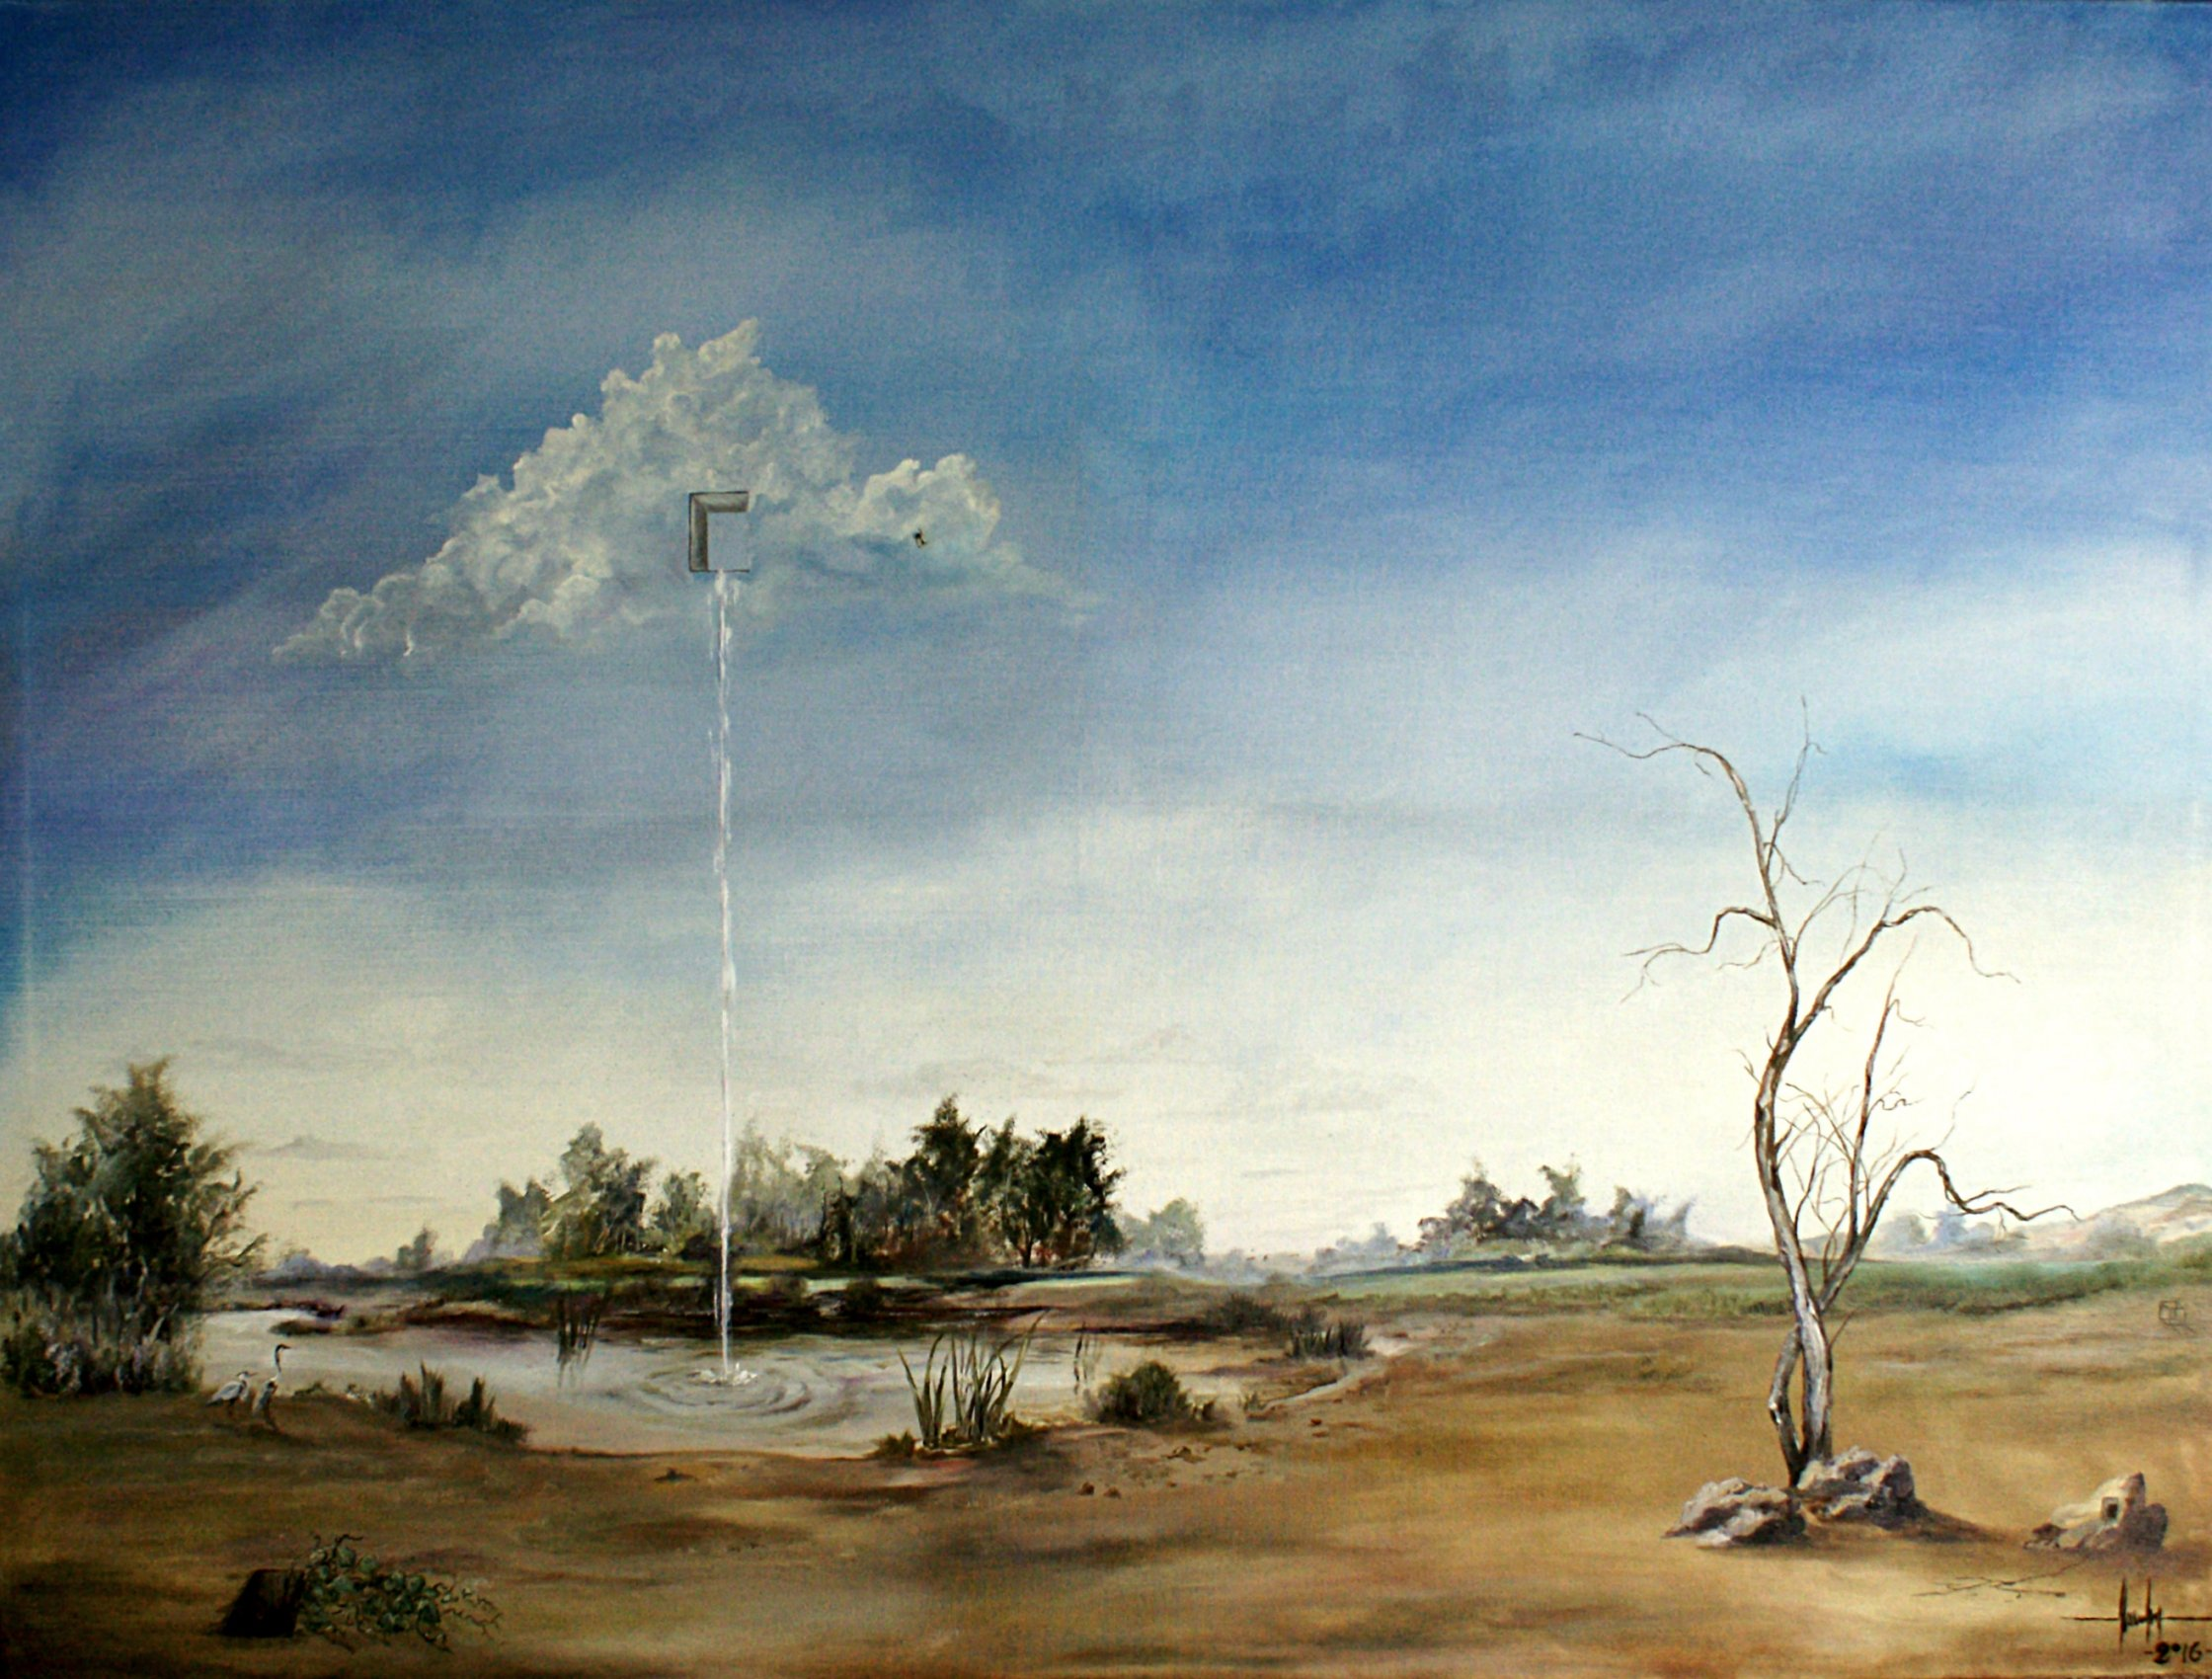 La nube rota en le paralelo treinta y tres (2016) - Maximiliano Moreno